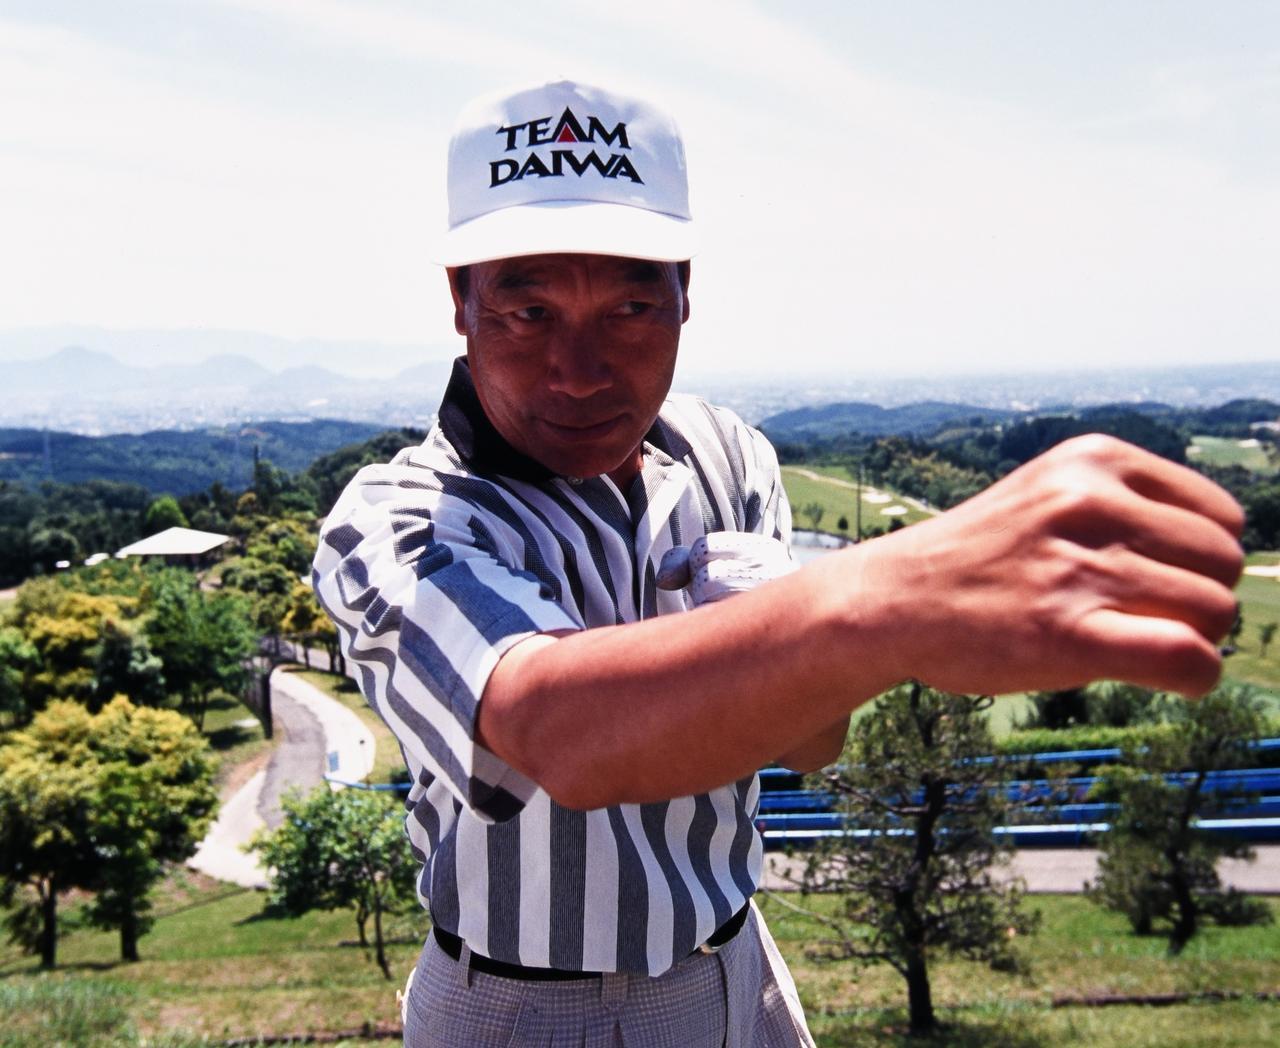 画像: 「パンチショットのことならまかせなさい!」と意気込む金井清一プロ